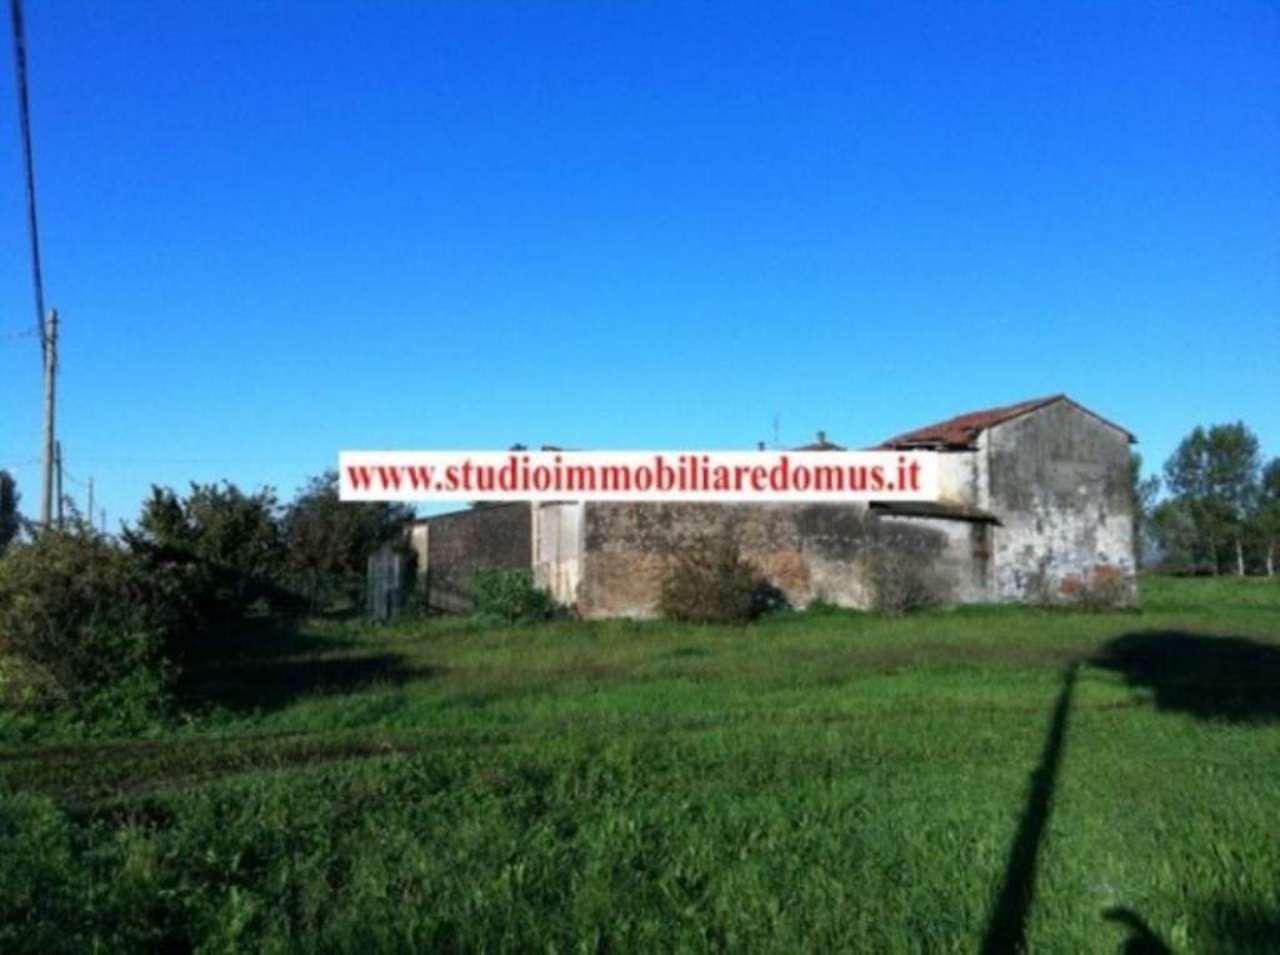 Rustico / Casale in vendita a Casalpusterlengo, 6 locali, prezzo € 198.000 | Cambio Casa.it